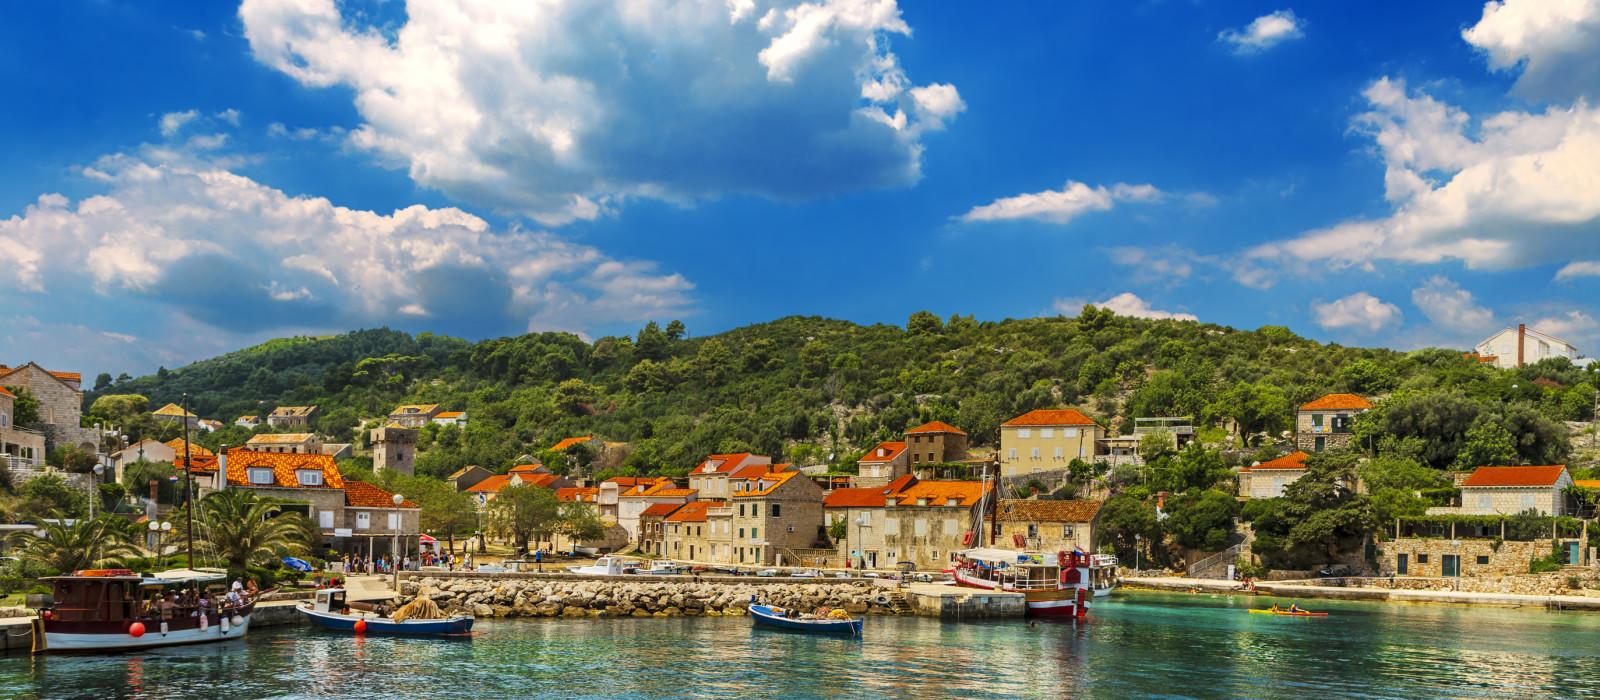 Croatia. South Dalmatia - Elaphiti Island. - Slovenia & Croatia Tours